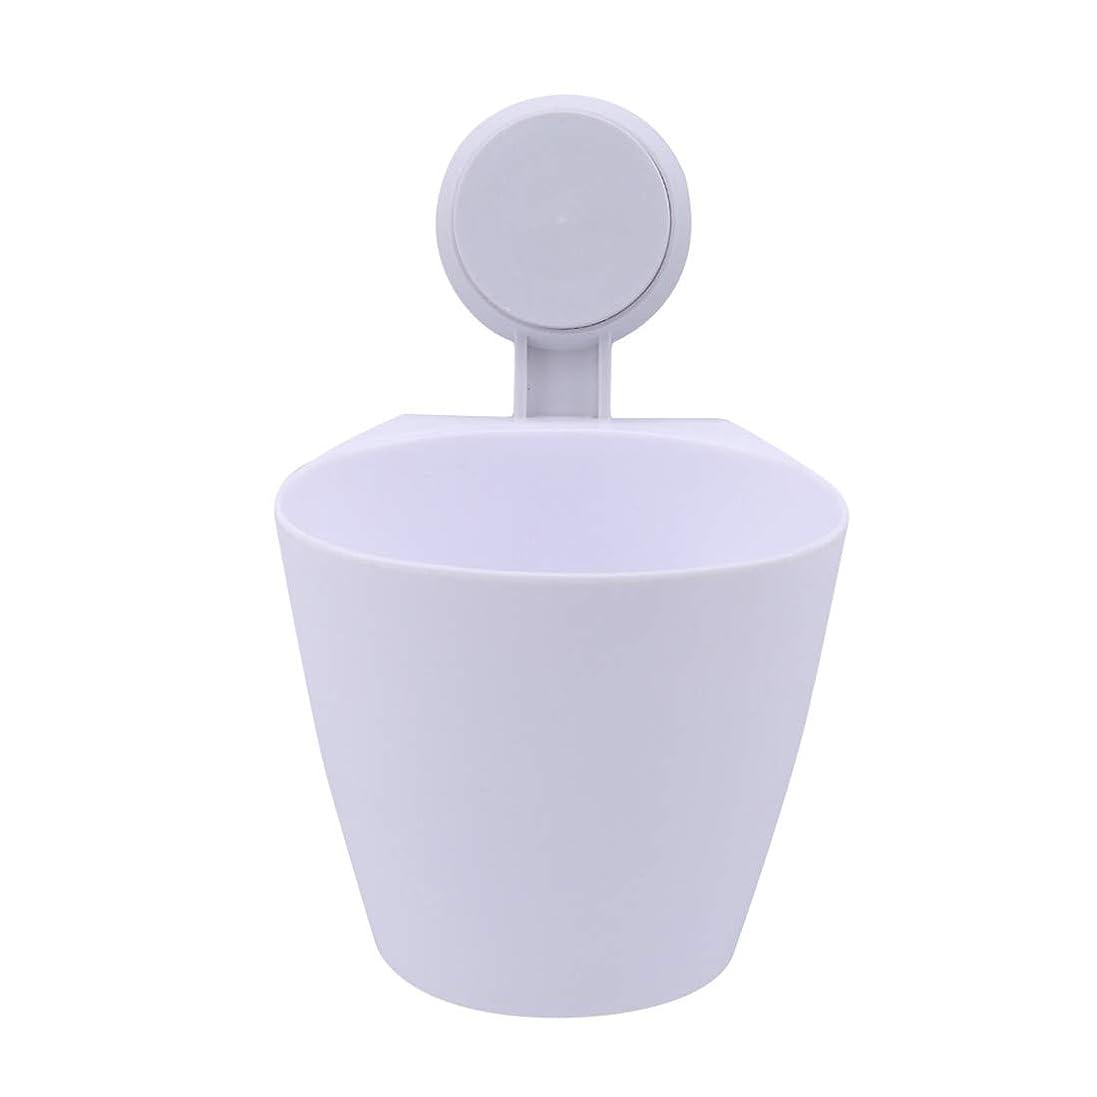 VWH サクションカップ式ゴミ箱 バスルーム用ゴミ箱 キッチンオフィス家庭用収納ボックス(白)